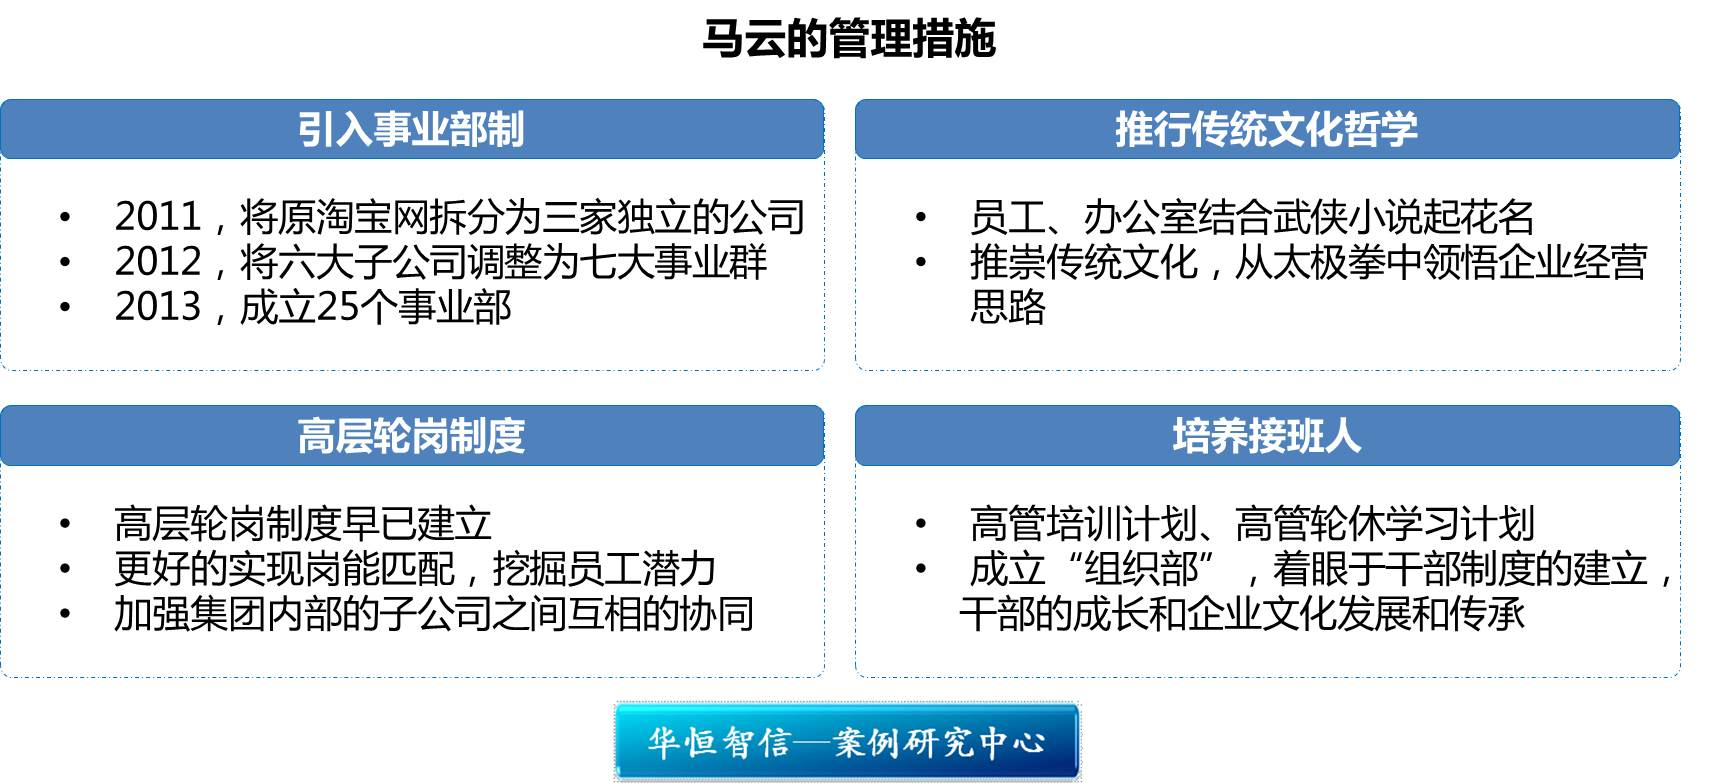 阿里巴巴事业部制组织结构图